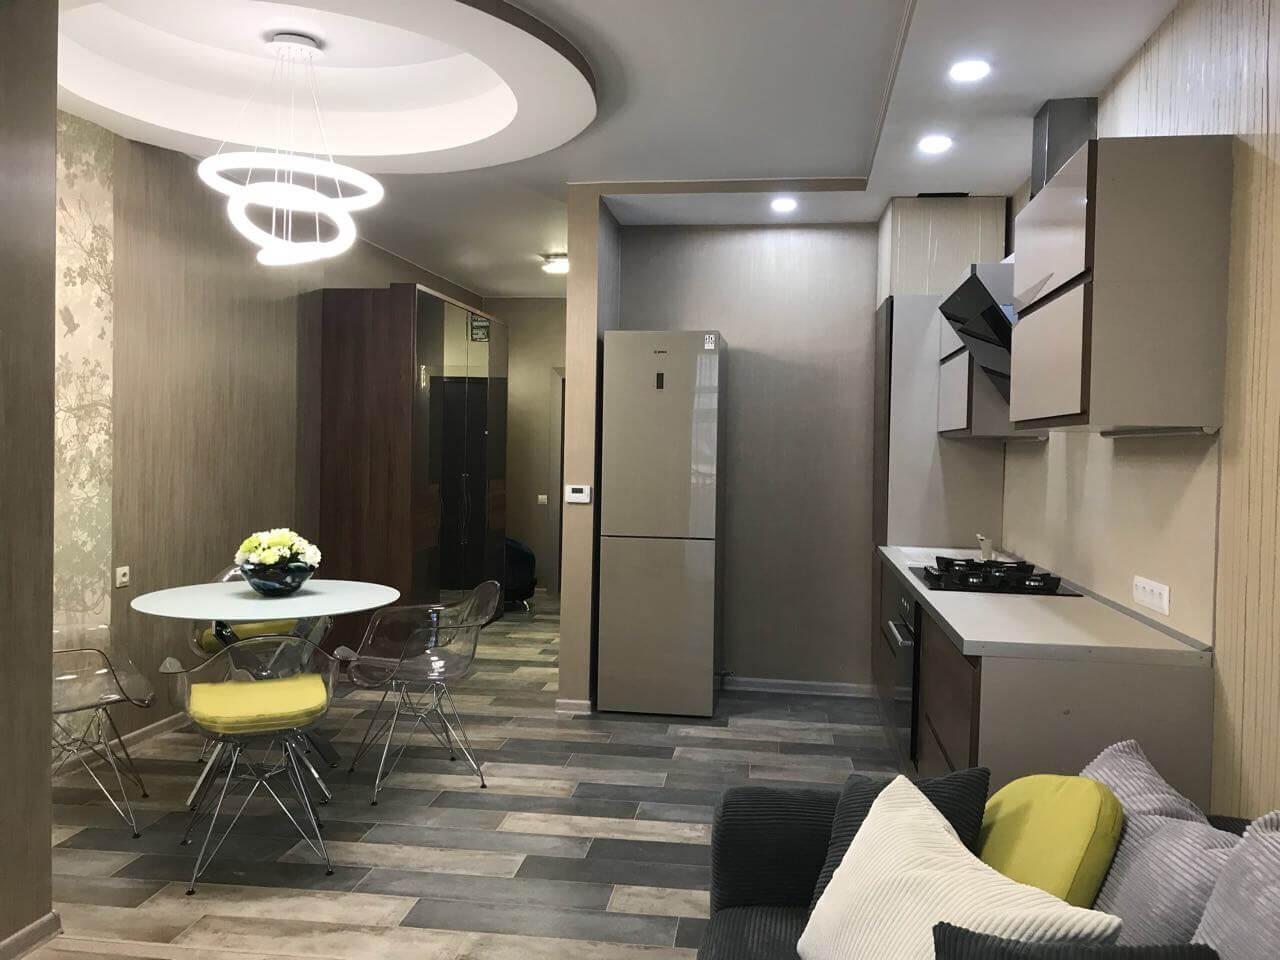 Уютные апартаменты в центре Сочи в престижном комплексе - image Uyutnye-apartamenty-v-tsentre-Sochi-v-prestizhnom-komplekse-1 on https://bizneskvartal.ru